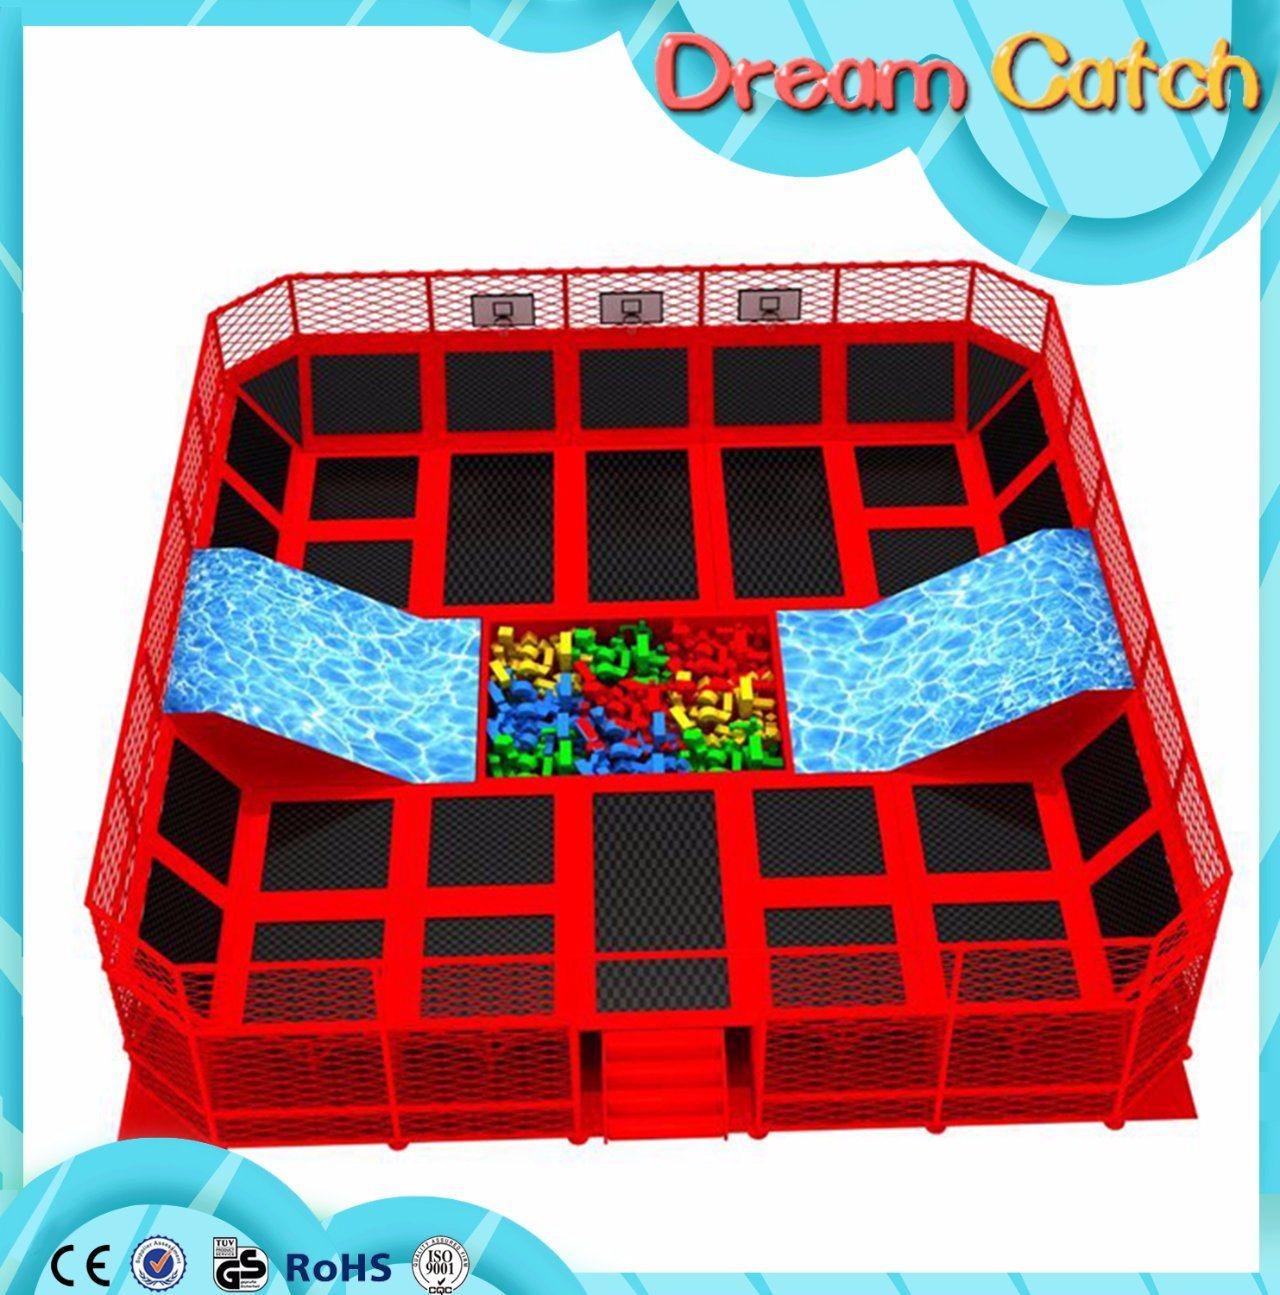 Factory Price for The Kids Soft Indoor Indoor Trampoline